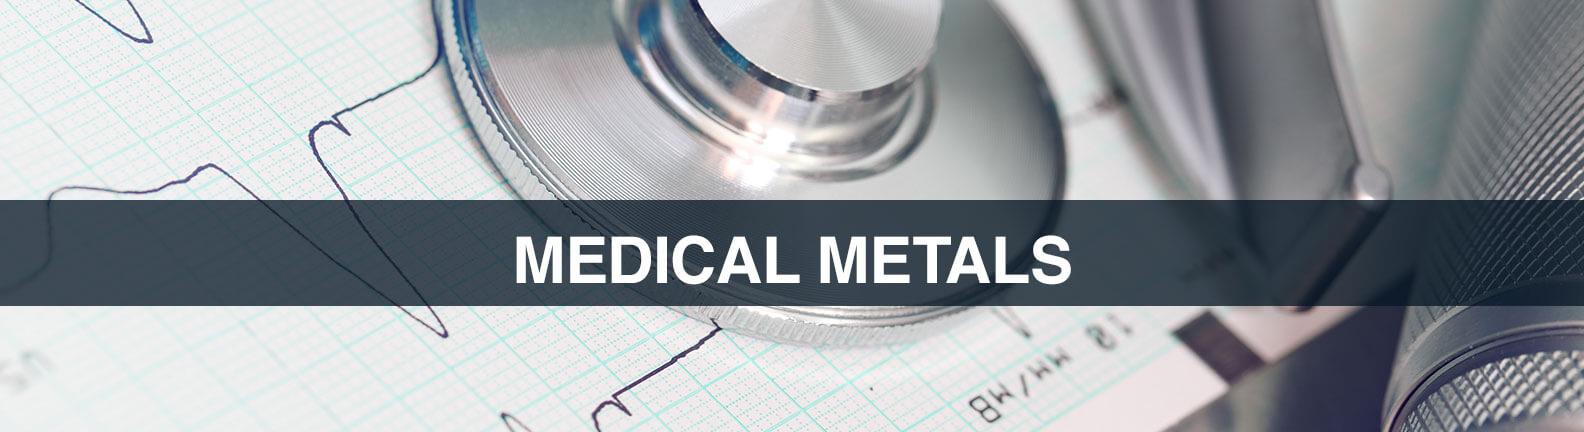 MEDICAL METALS